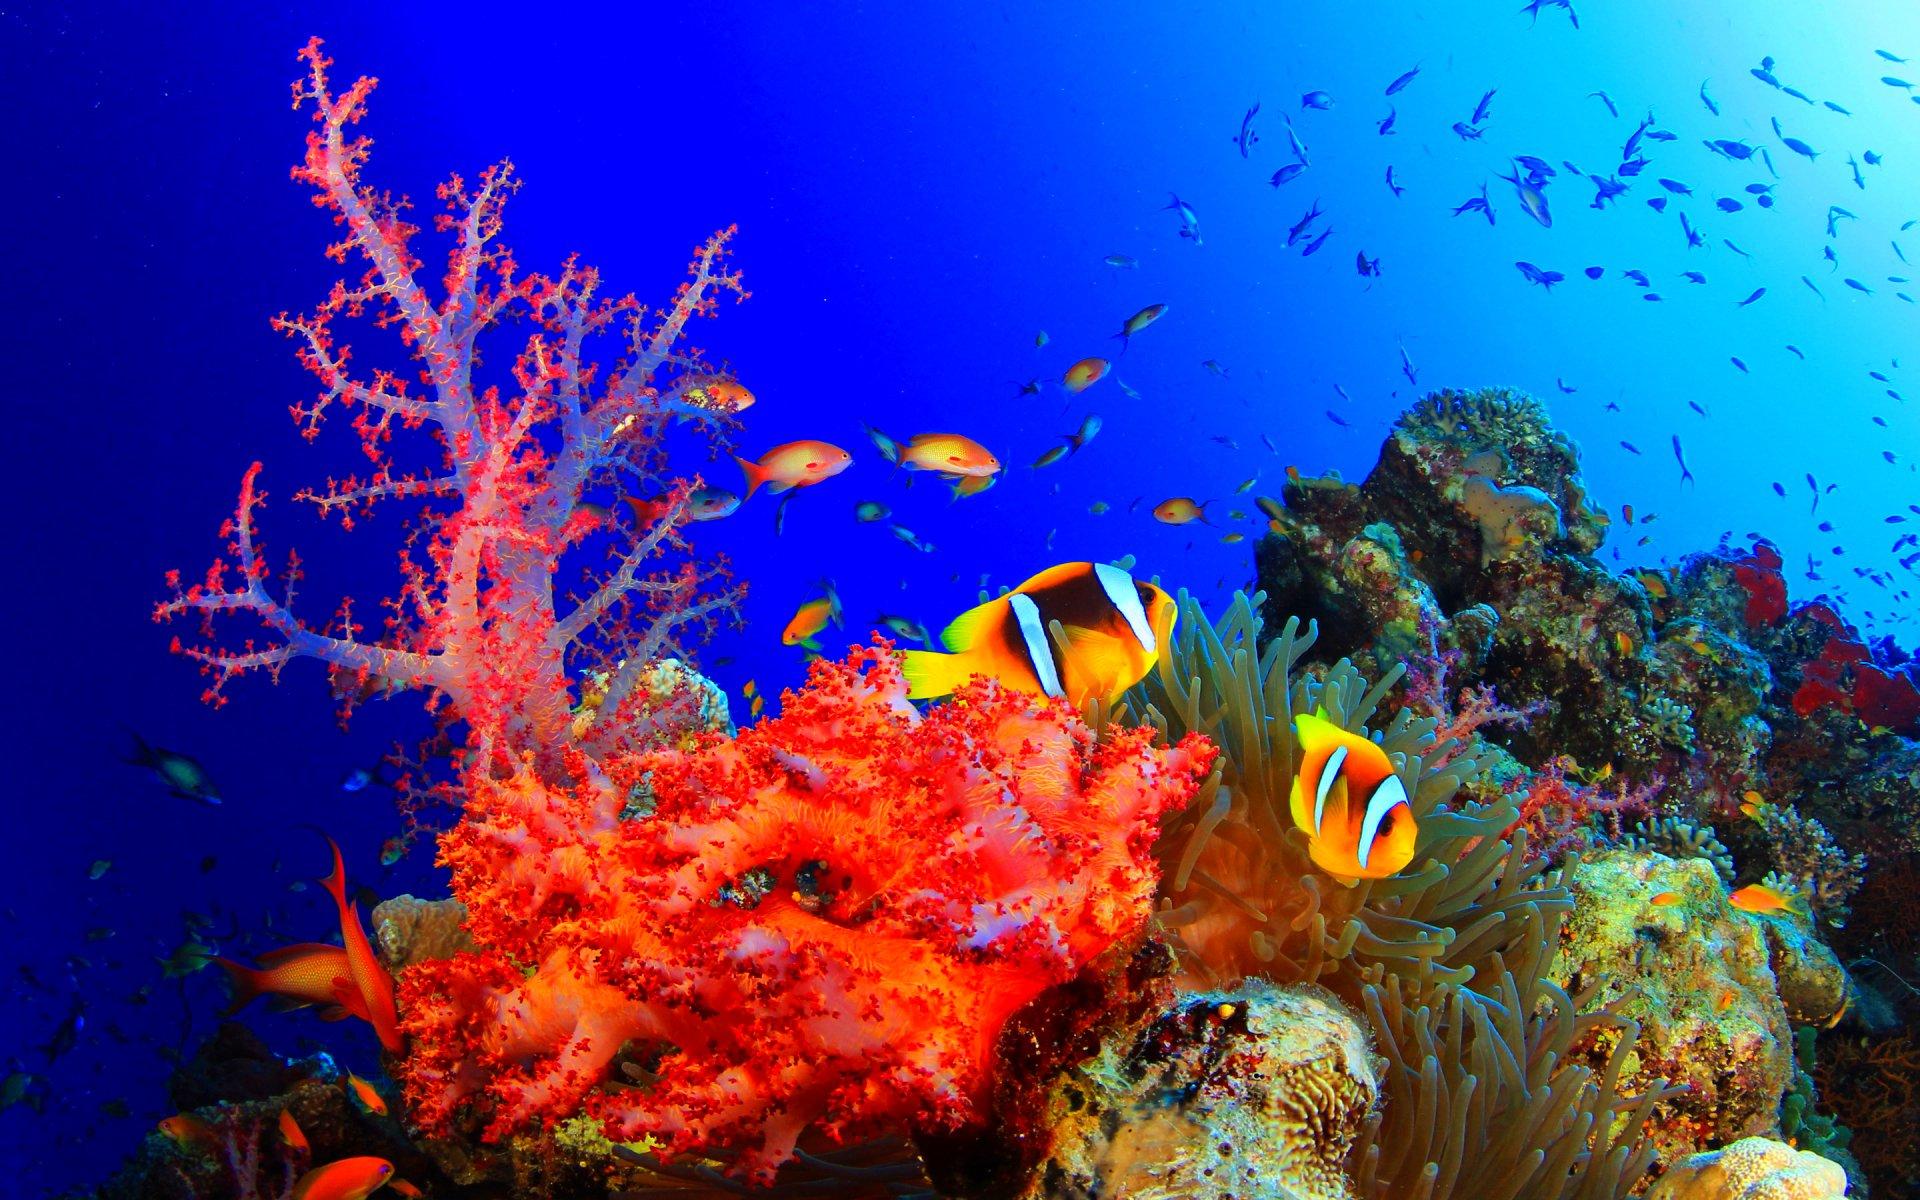 фотографии высокого качества подводный мир бутон раскрывается, лепестки